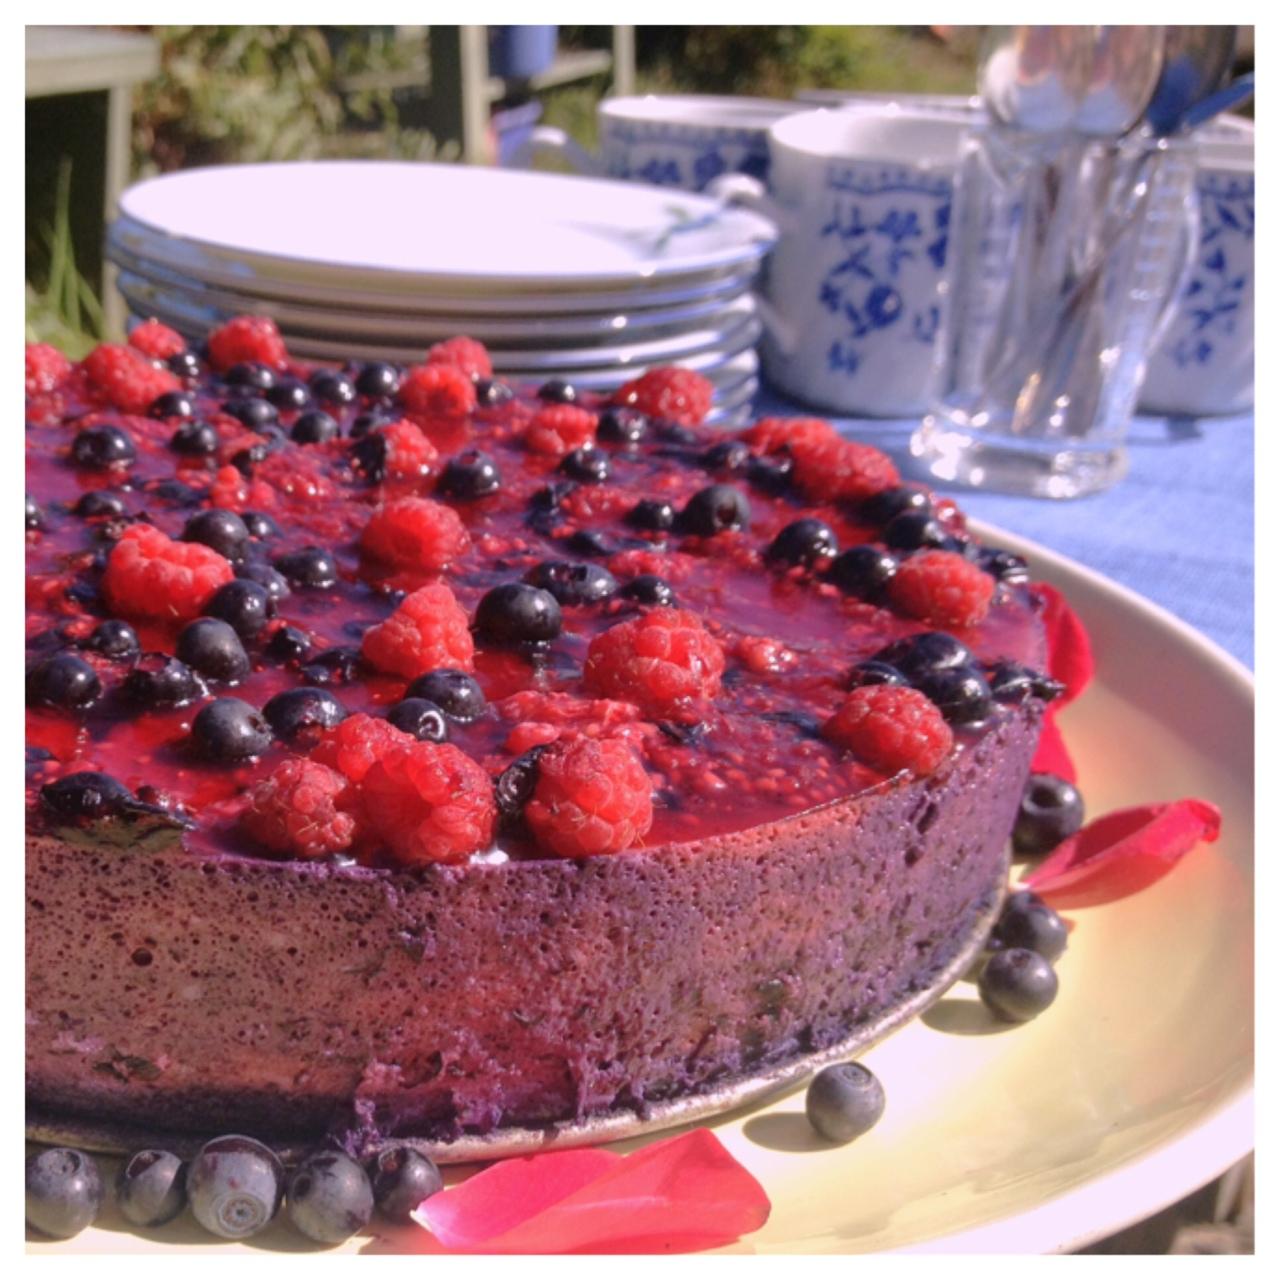 moussetårta utan gelatin